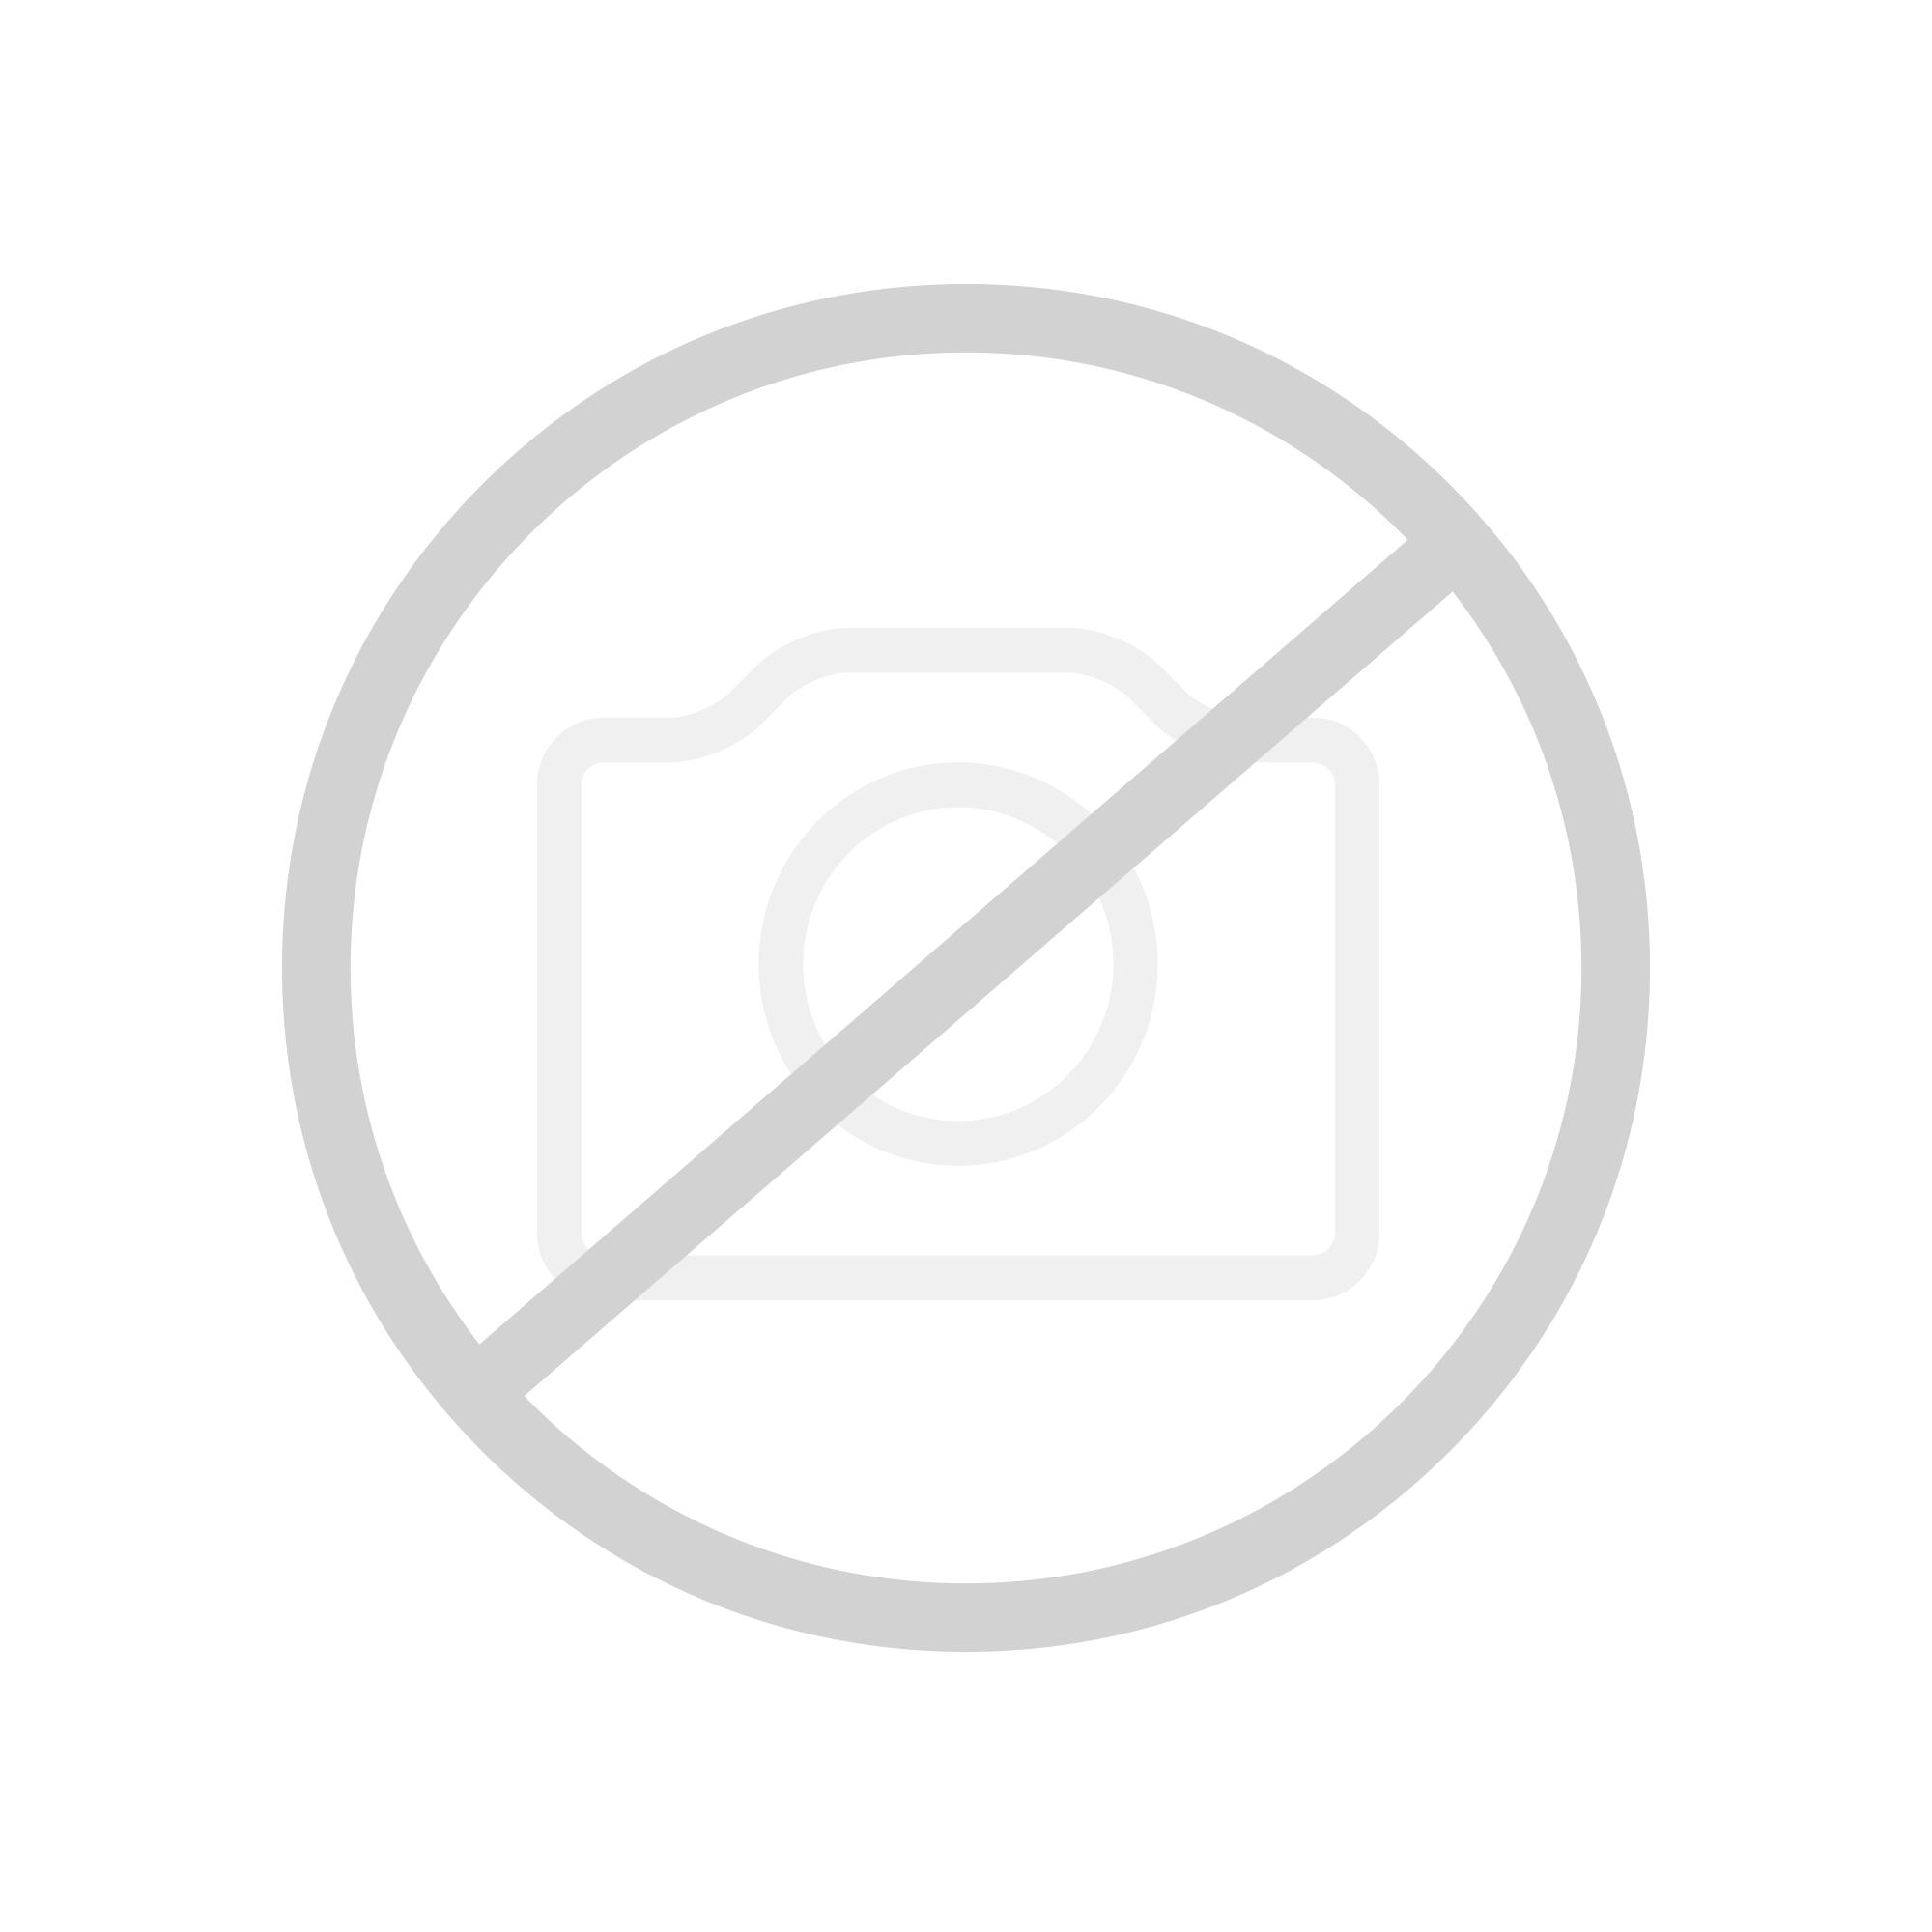 Schell NA-Doppelventil COMFORT mit 2 Schlauchanschlüssen